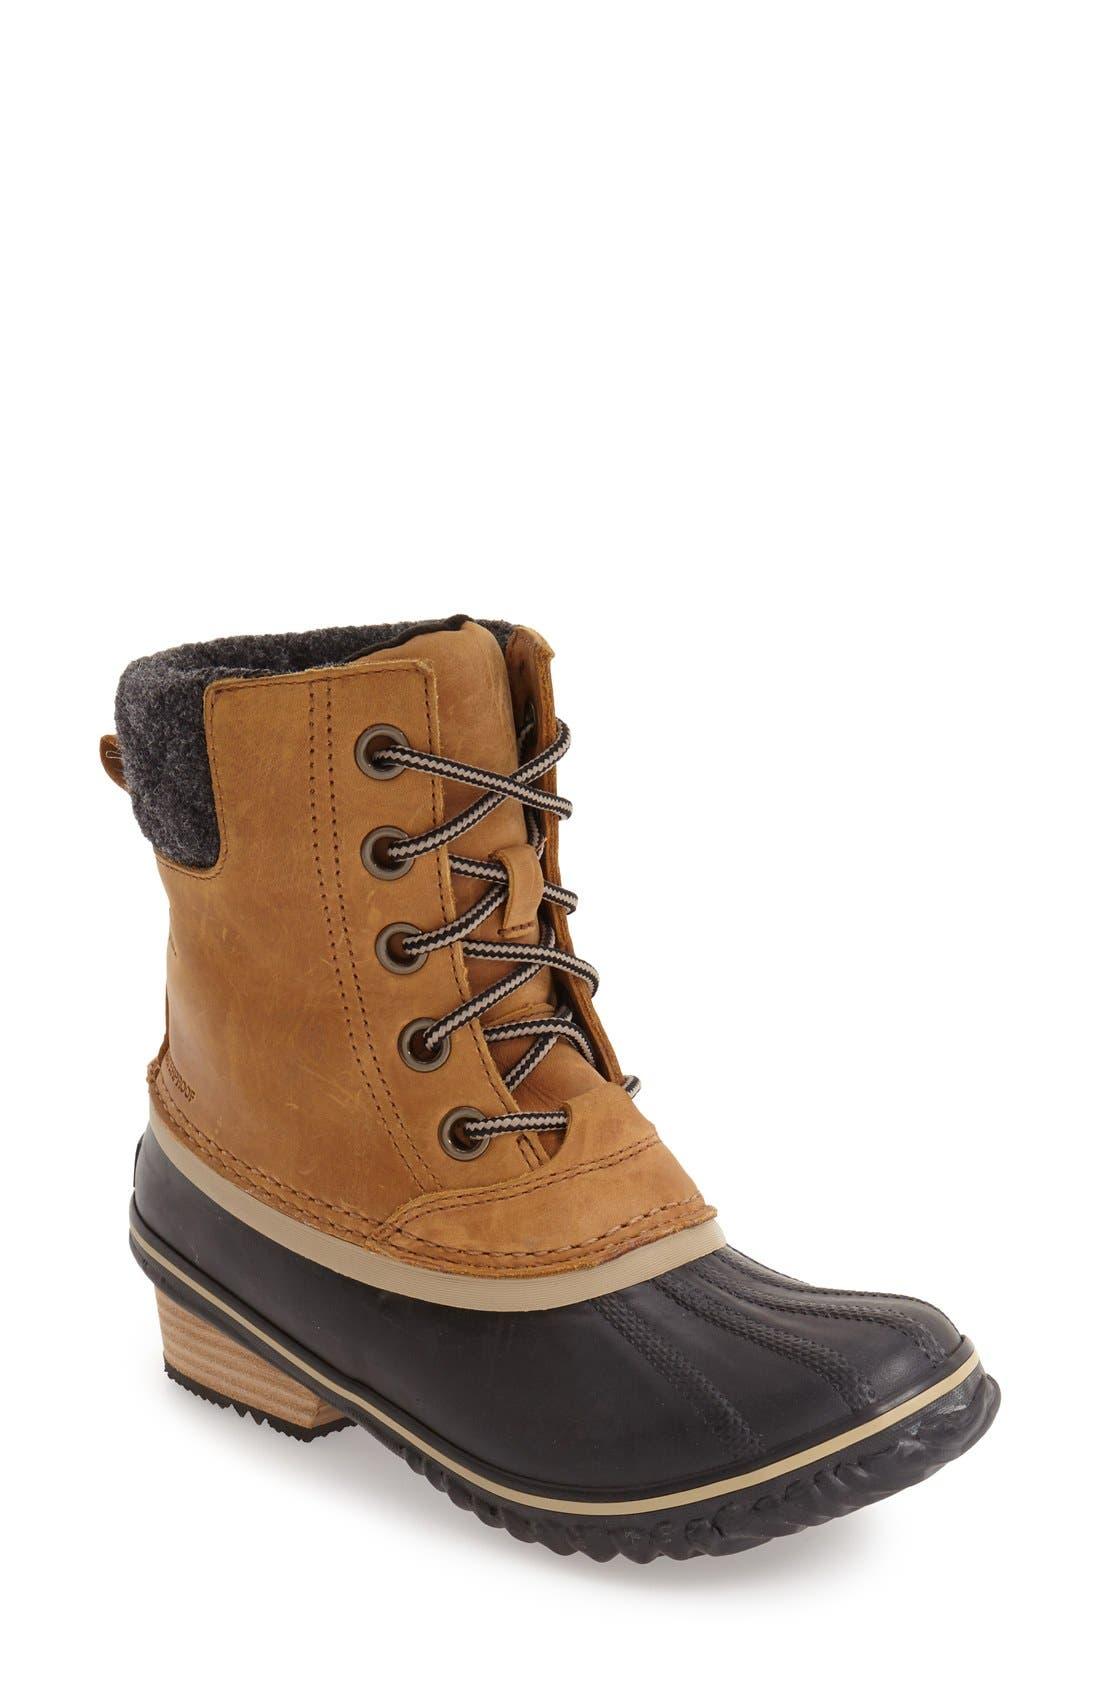 Sorel Slimpack Ii Waterproof Boot- Brown